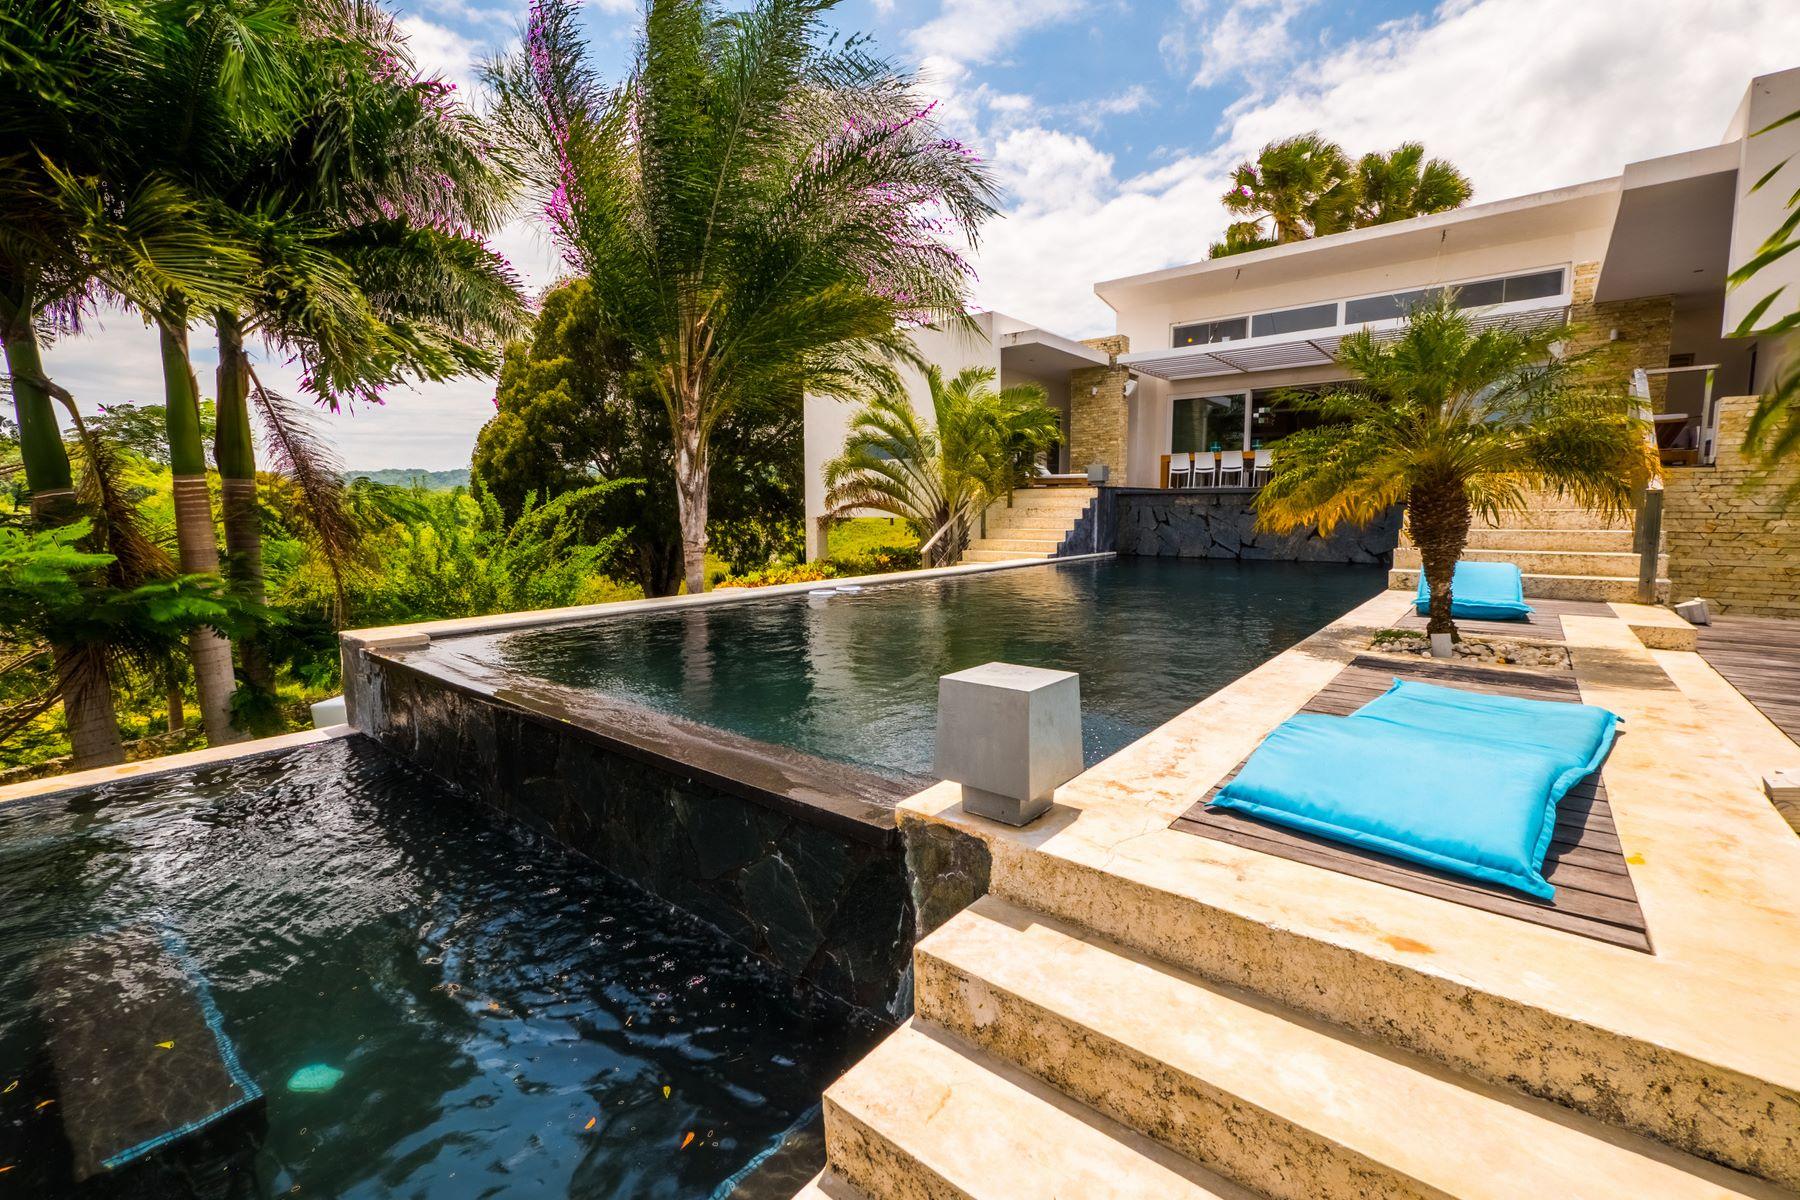 独户住宅 为 销售 在 Agua Dulce Villa 3 索苏阿, 普拉塔省, 多米尼加共和国